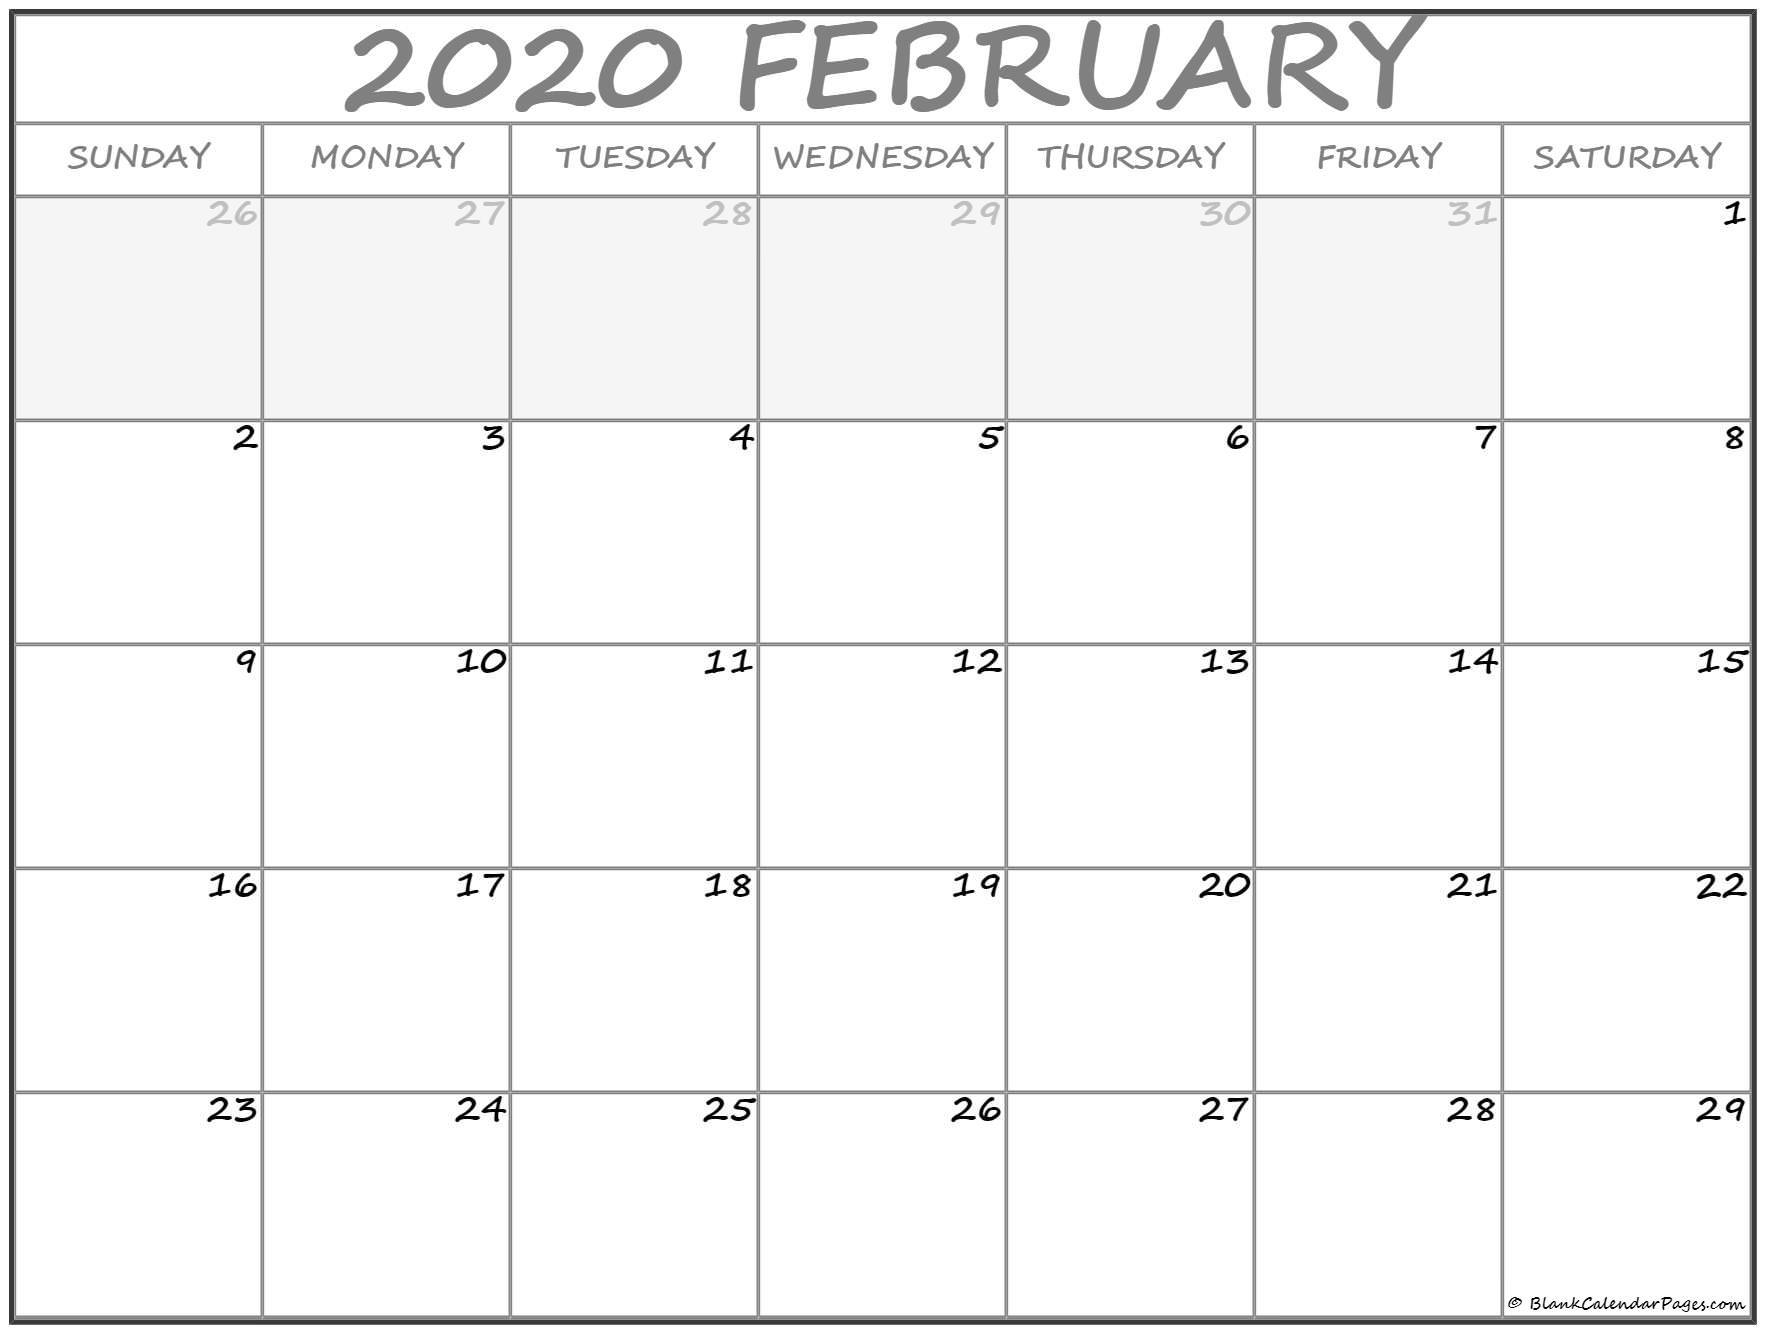 Printable Calendar 2020 February February 2020 Calendar